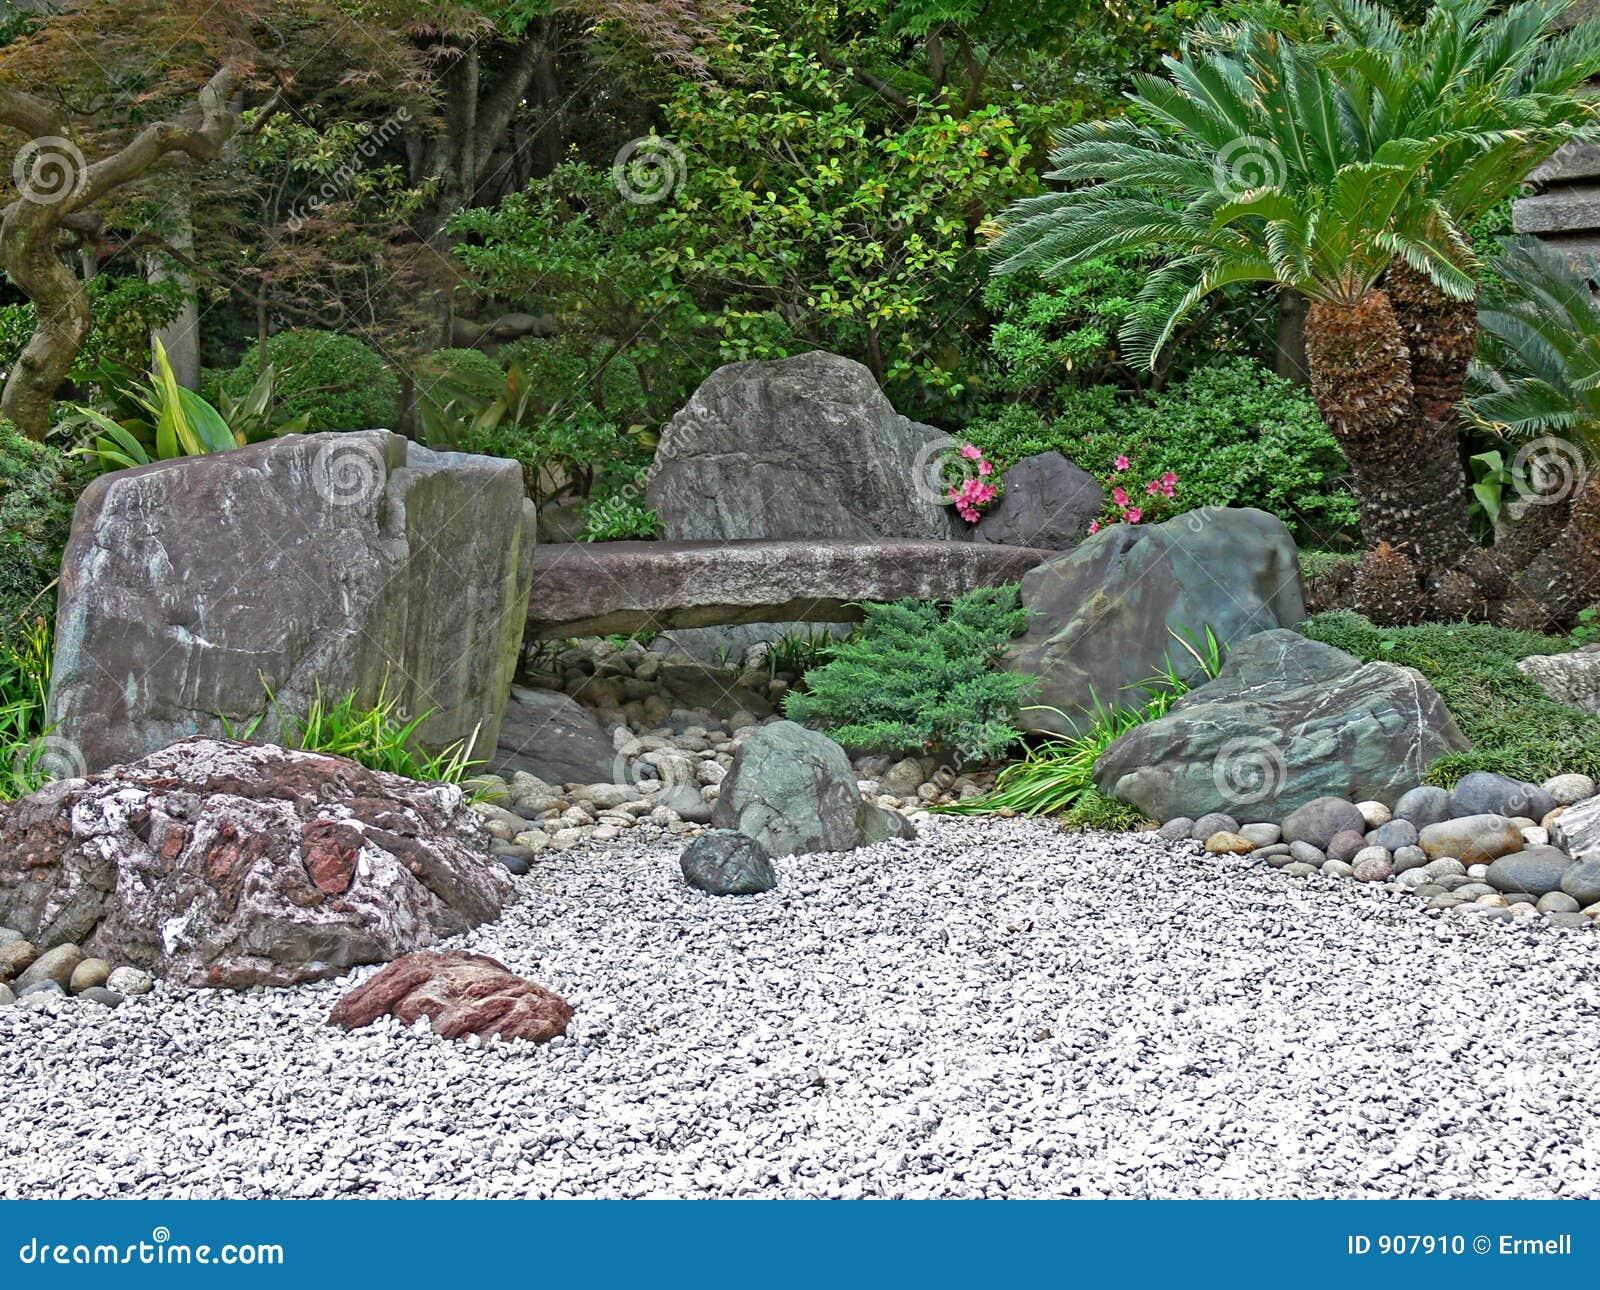 Zen Garden Stock Photo Image 907910